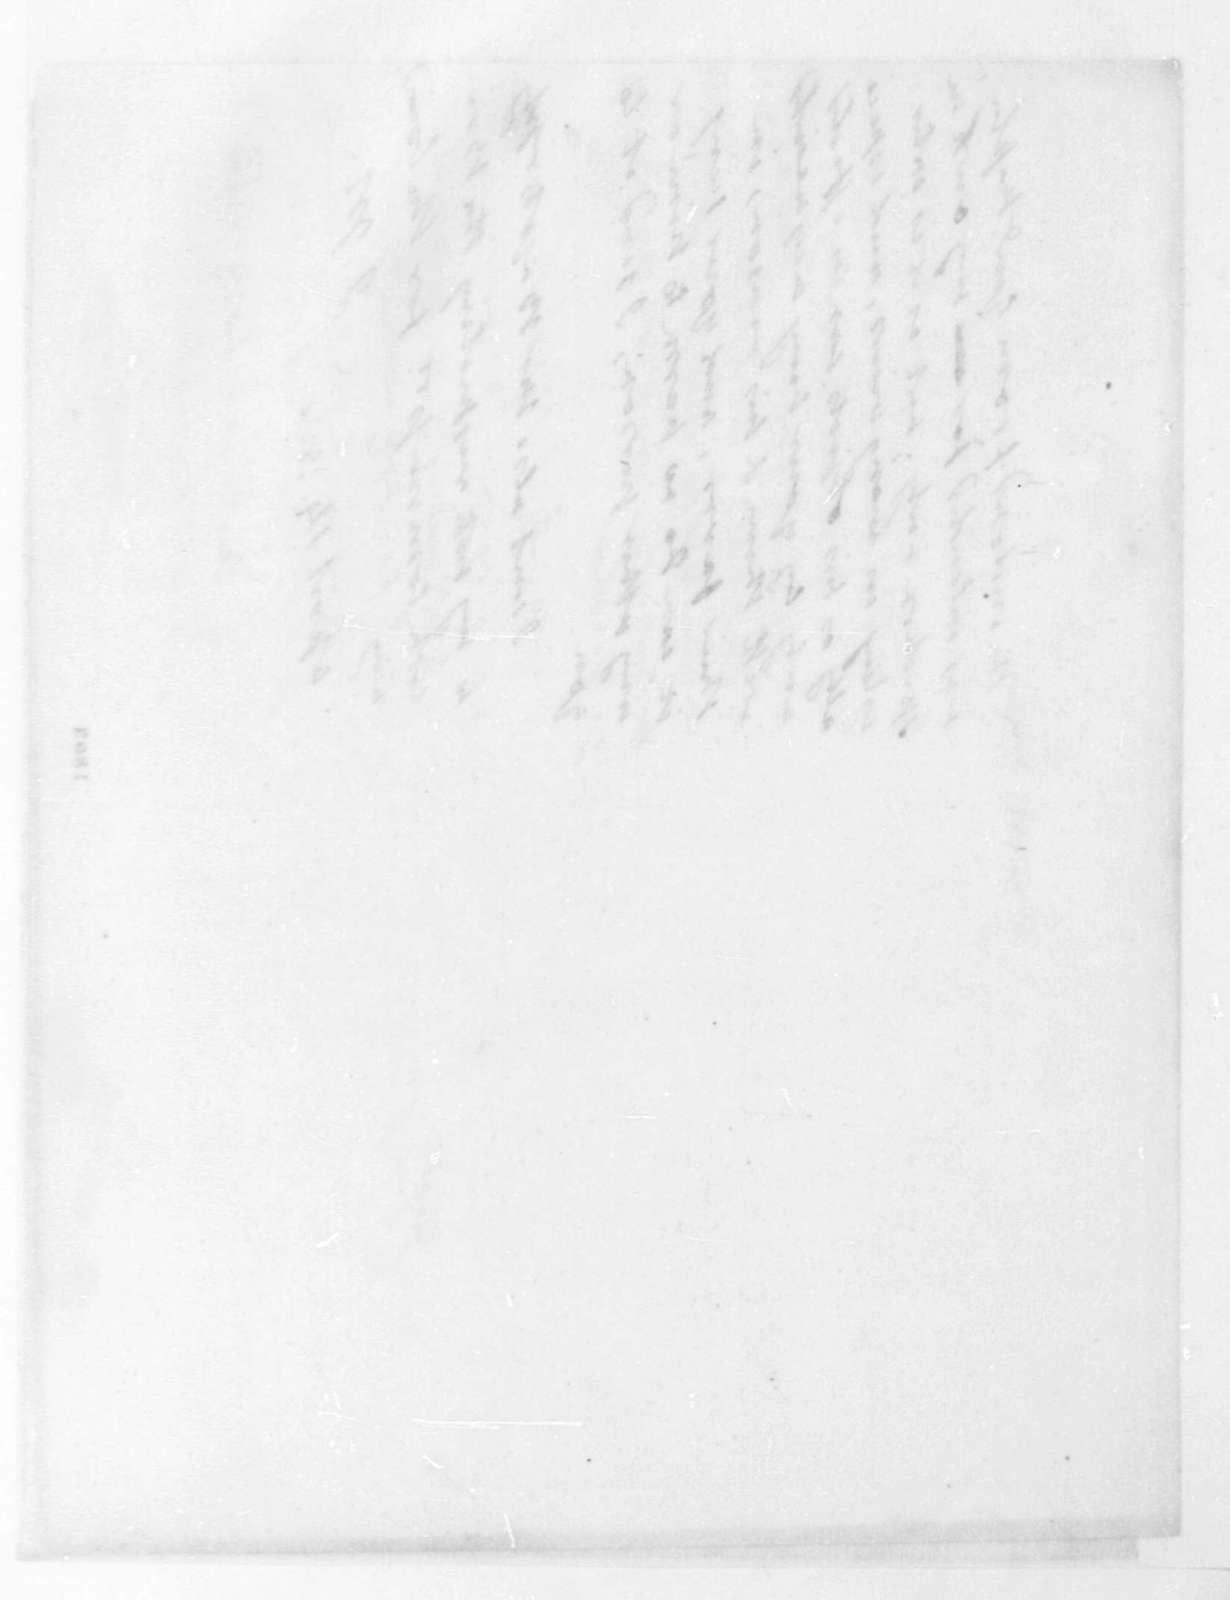 James Monroe to James Madison, April 14, 1816.